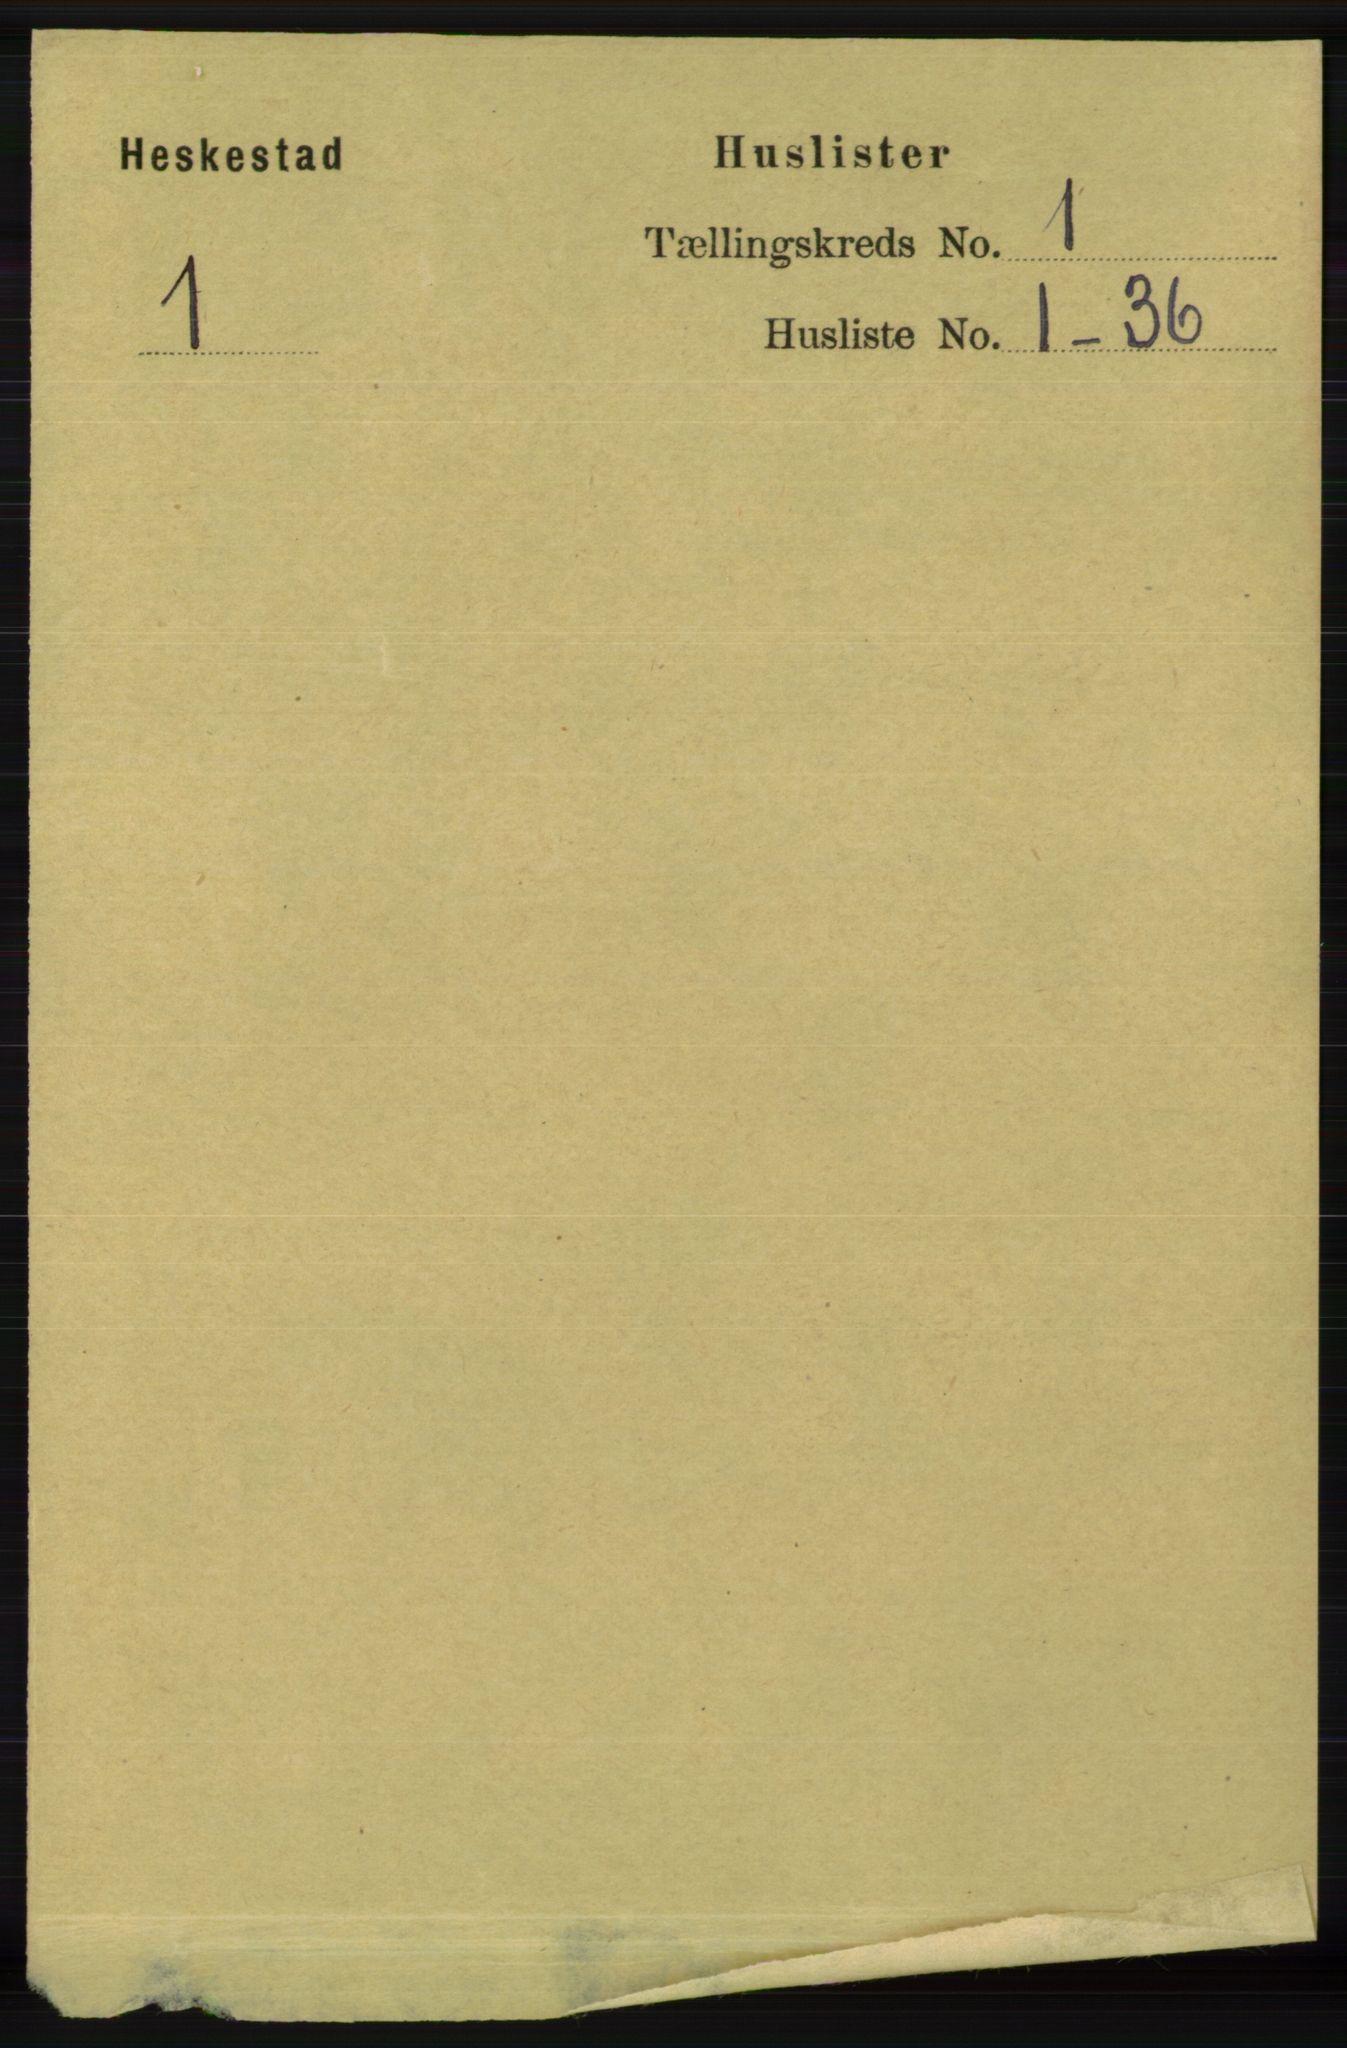 RA, Folketelling 1891 for 1113 Heskestad herred, 1891, s. 18